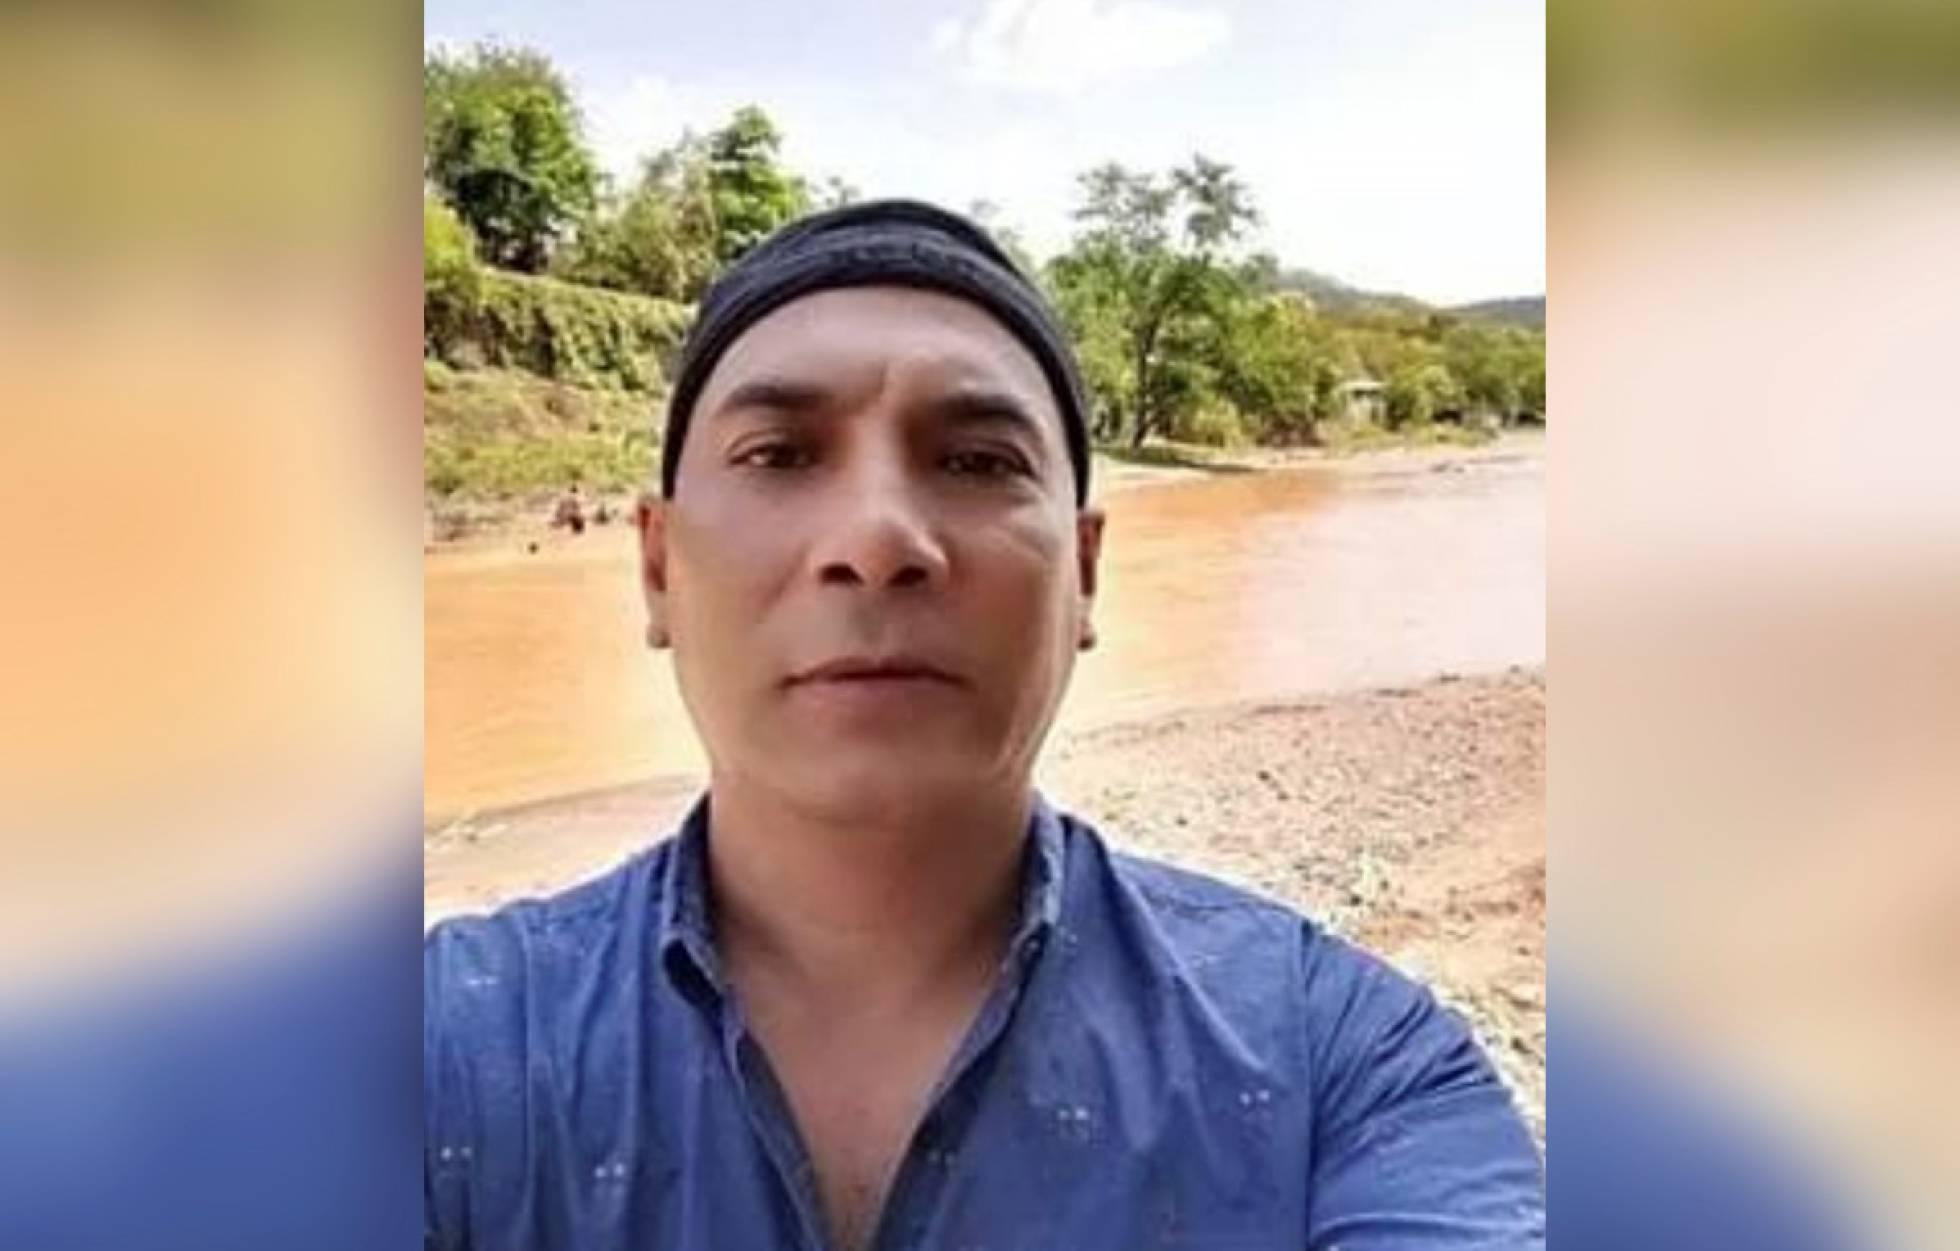 Encontrado sin vida el cuerpo de un locutor desaparecido en diciembre en el Estado mexicano de Michoacán